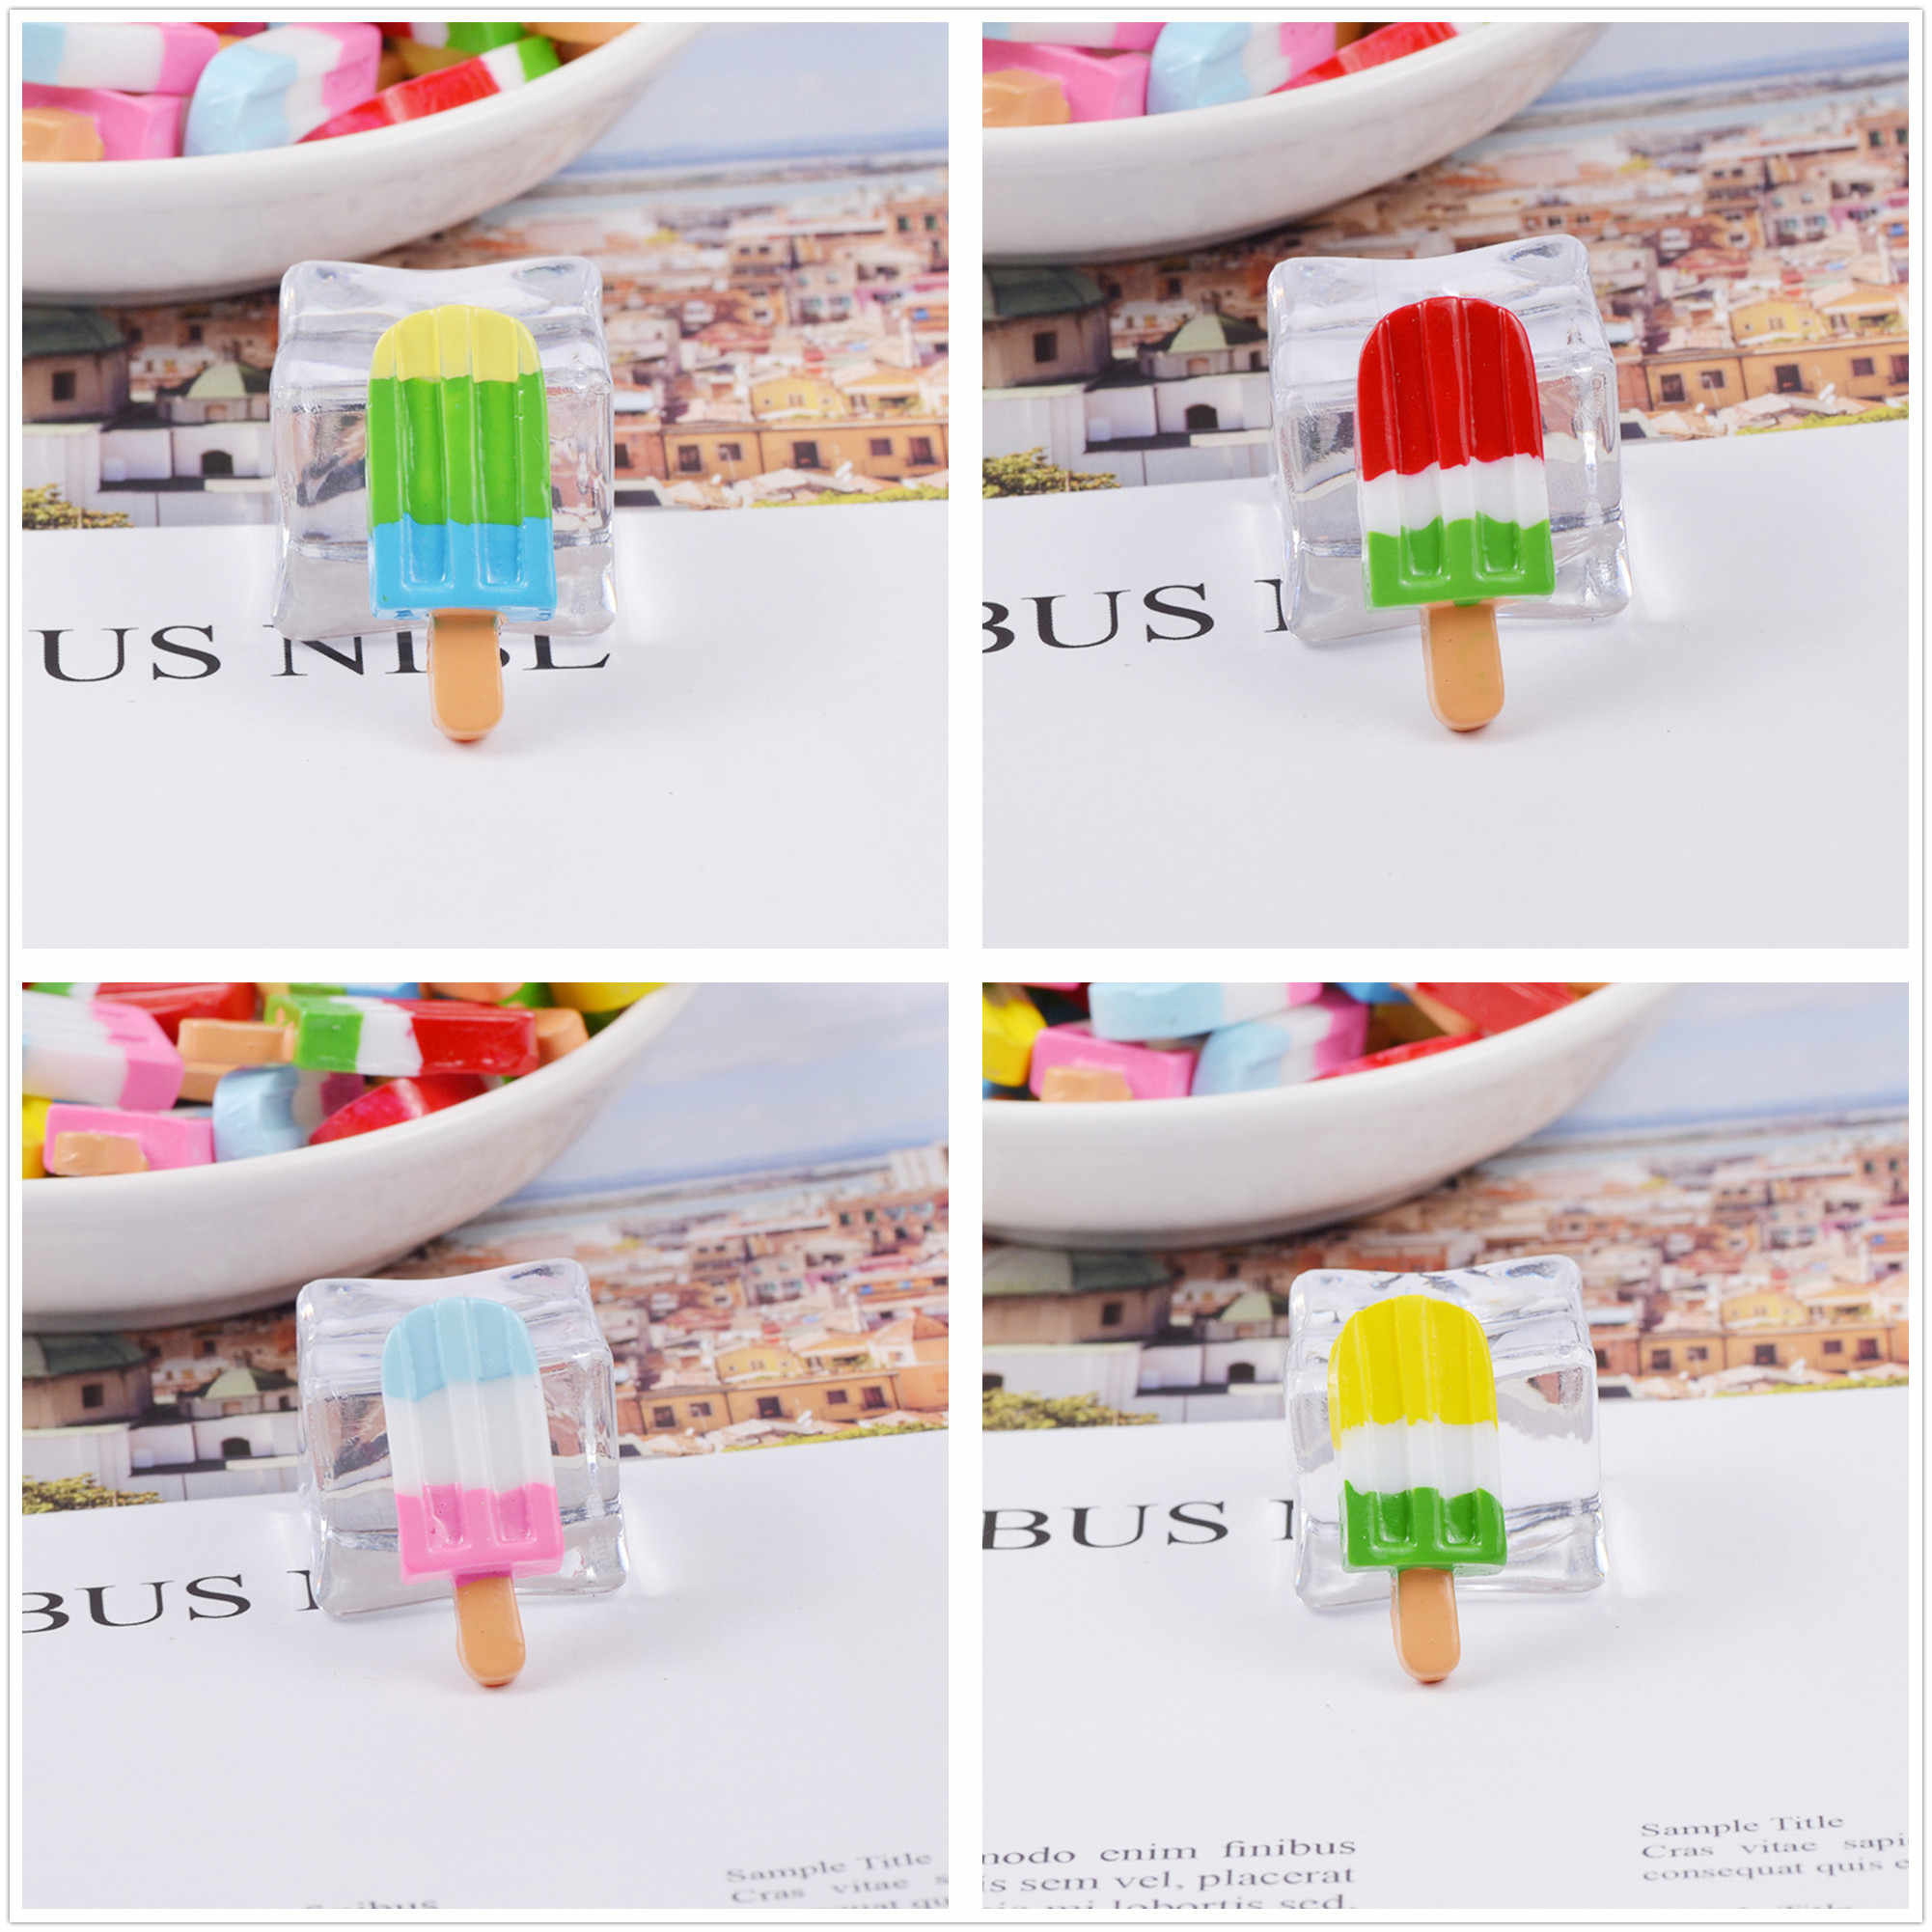 6 cái/lốc Dễ Thương Nhà Búp Bê Thu Nhỏ Cầu Vồng Ice Cream Bar Thực Phẩm Nhà Búp Bê Búp Bê Mini Mô Phỏng Chơi Thực Phẩm